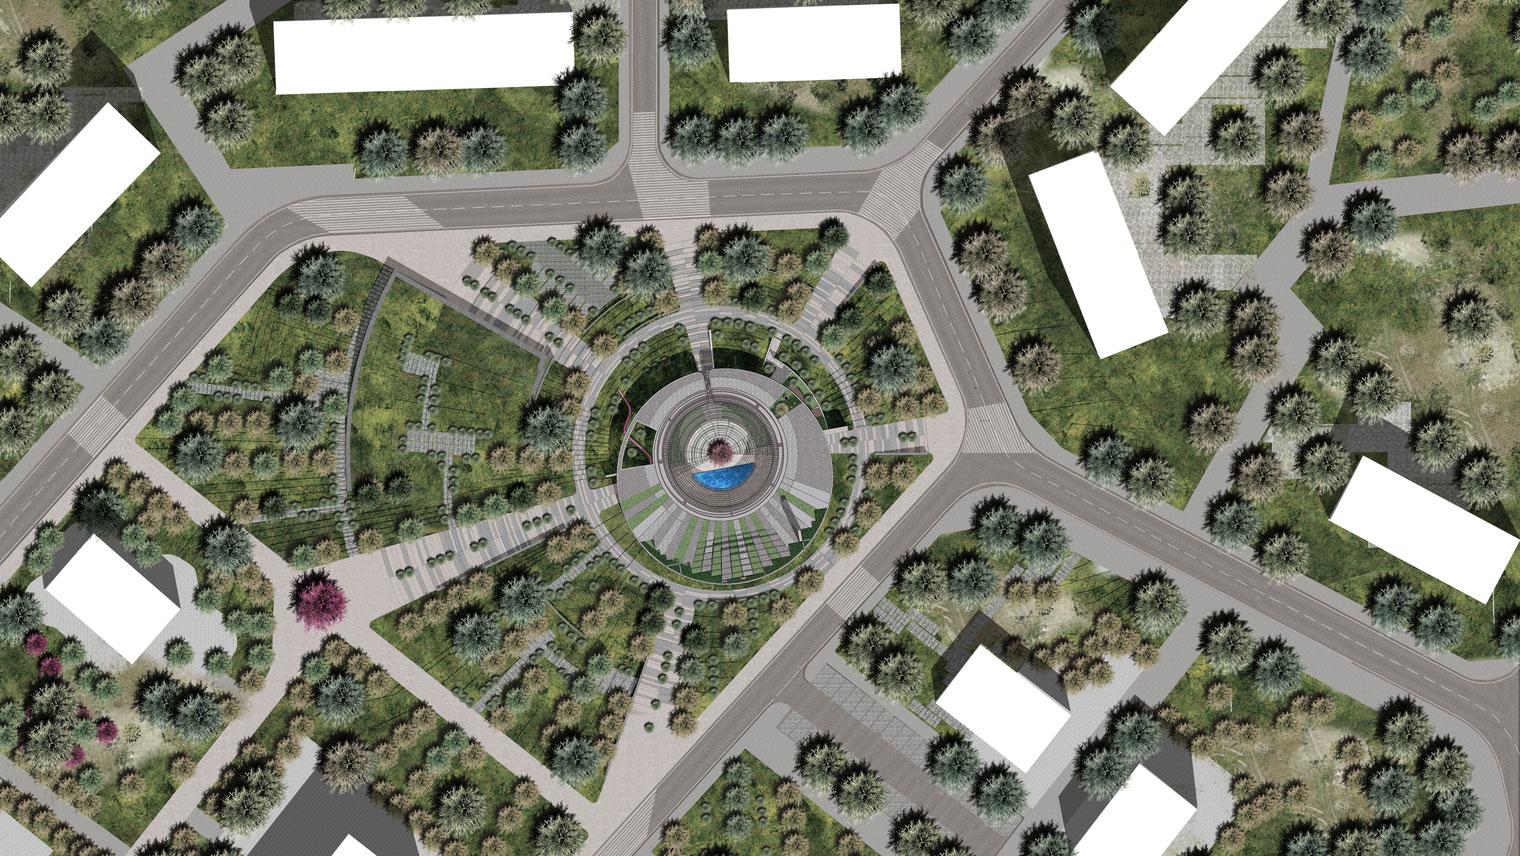 BeOffice Geleneksel Cami Mimarisini Yeniden Yorumladı 9